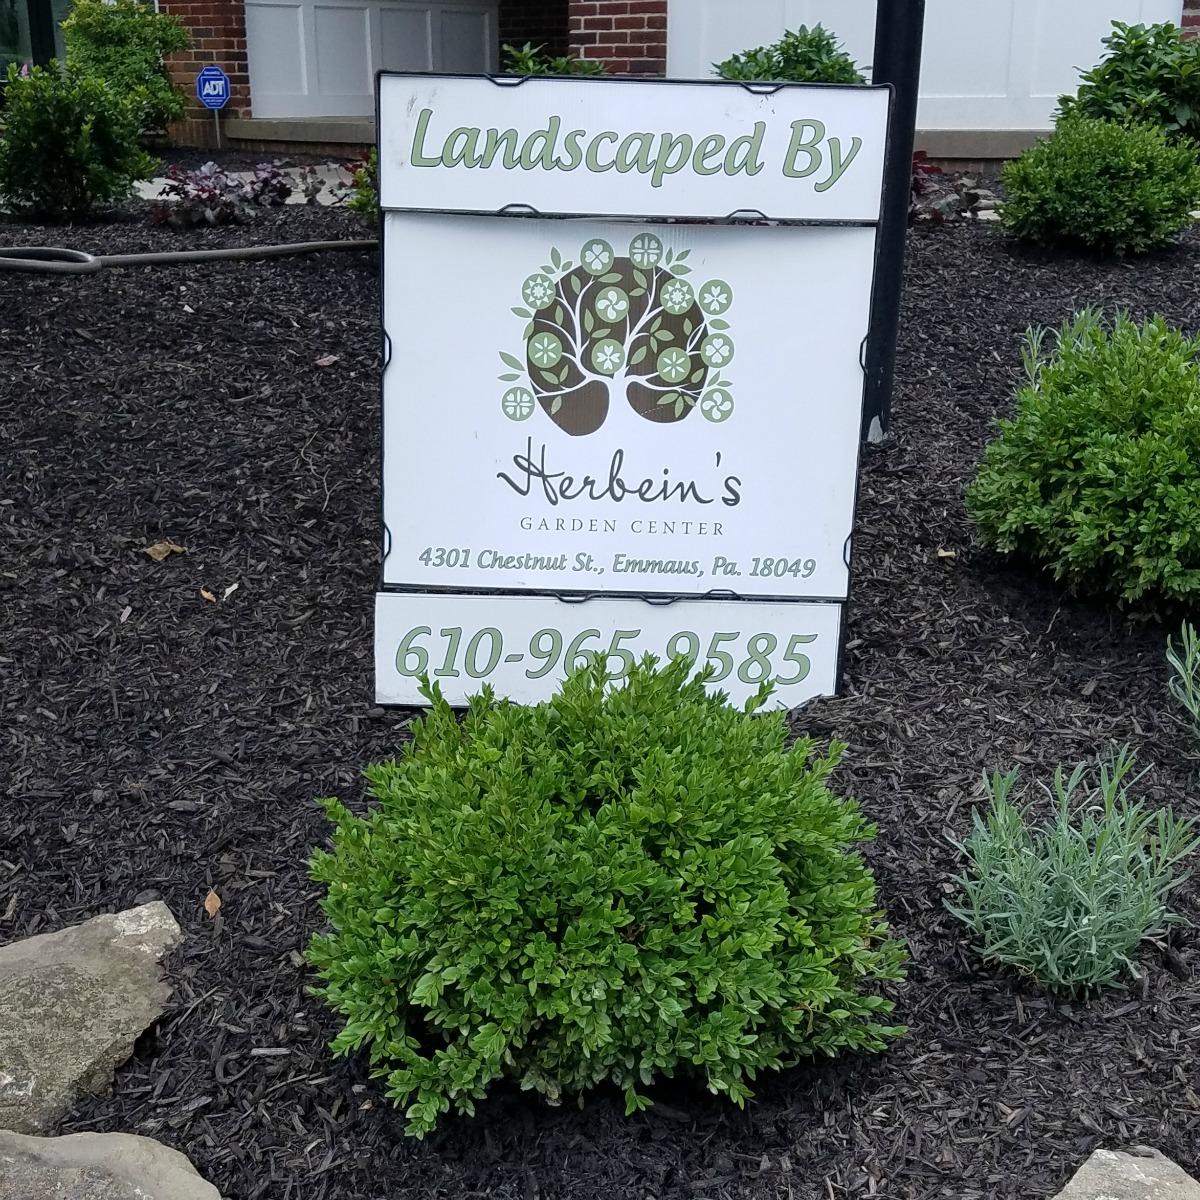 Herbeins Garden Center Landscape Job 7/2018-8/2018